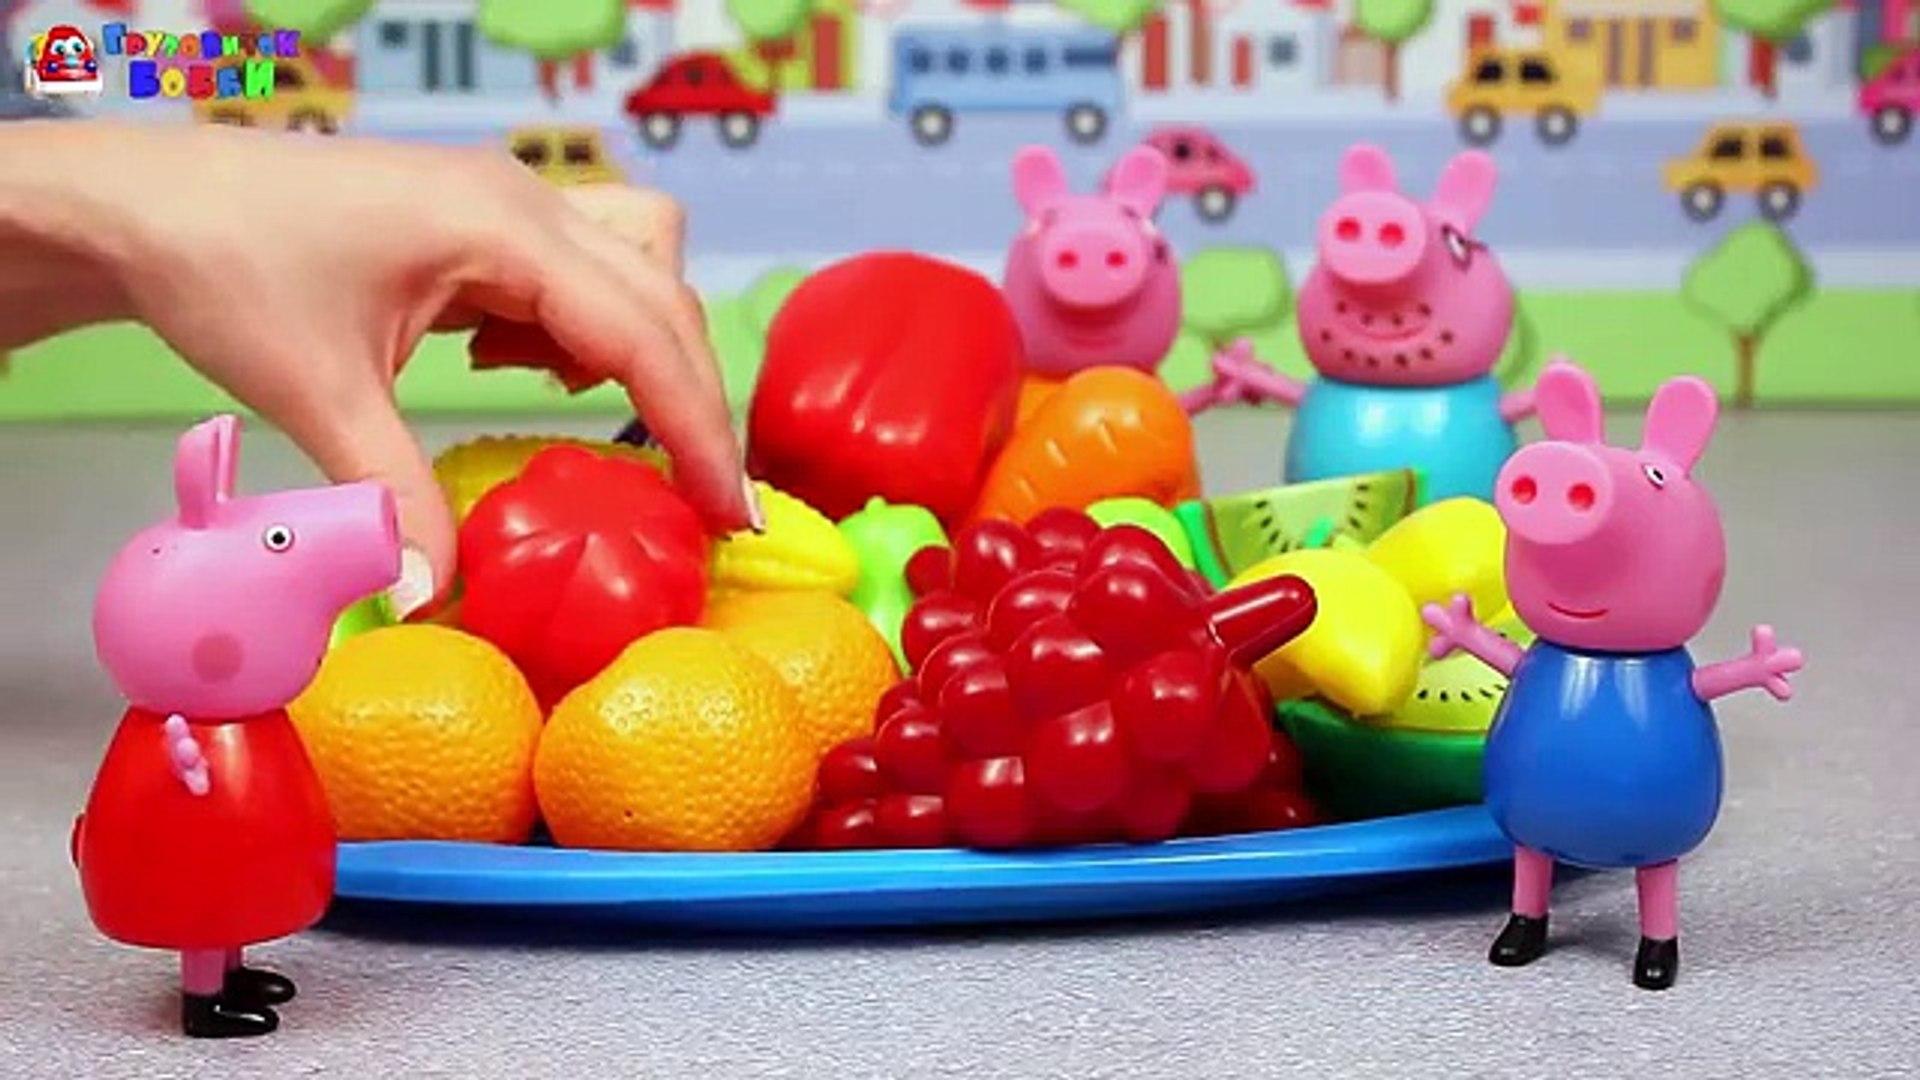 ДЛЯ ФУРШЕТА m свинка пеппа и джордж изучают цифры и овощи развивающий мультфильм детей волшебная